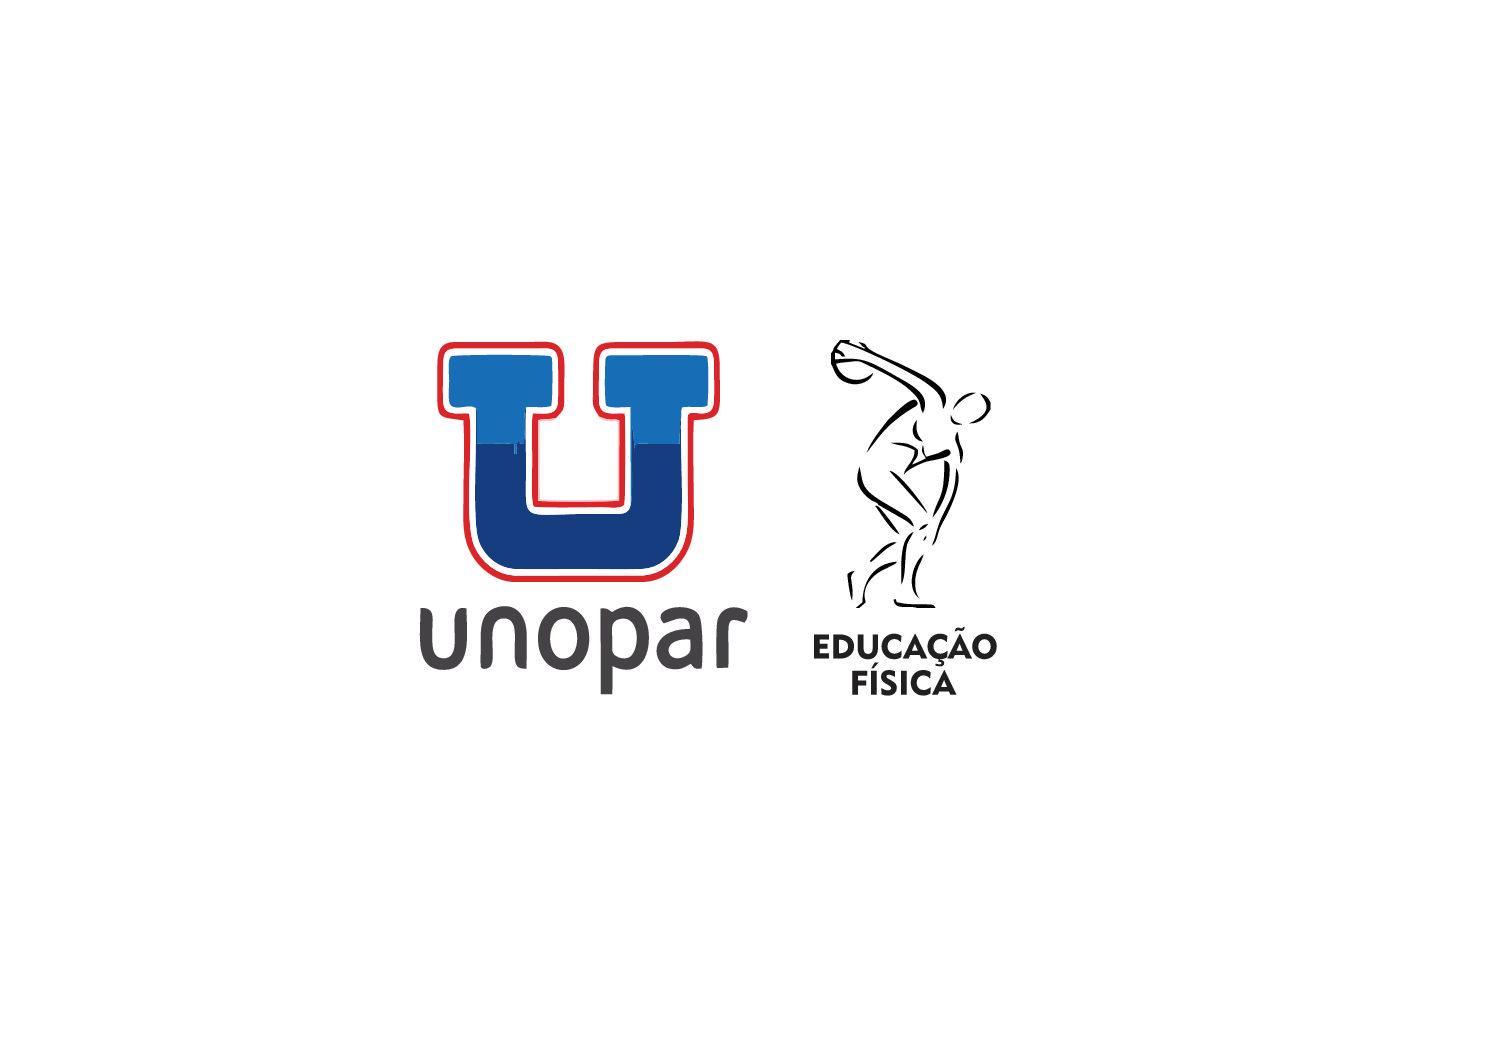 Camiseta personalizada para Comissão Organizadora de eventos de um torneio de futsal da Unopar.